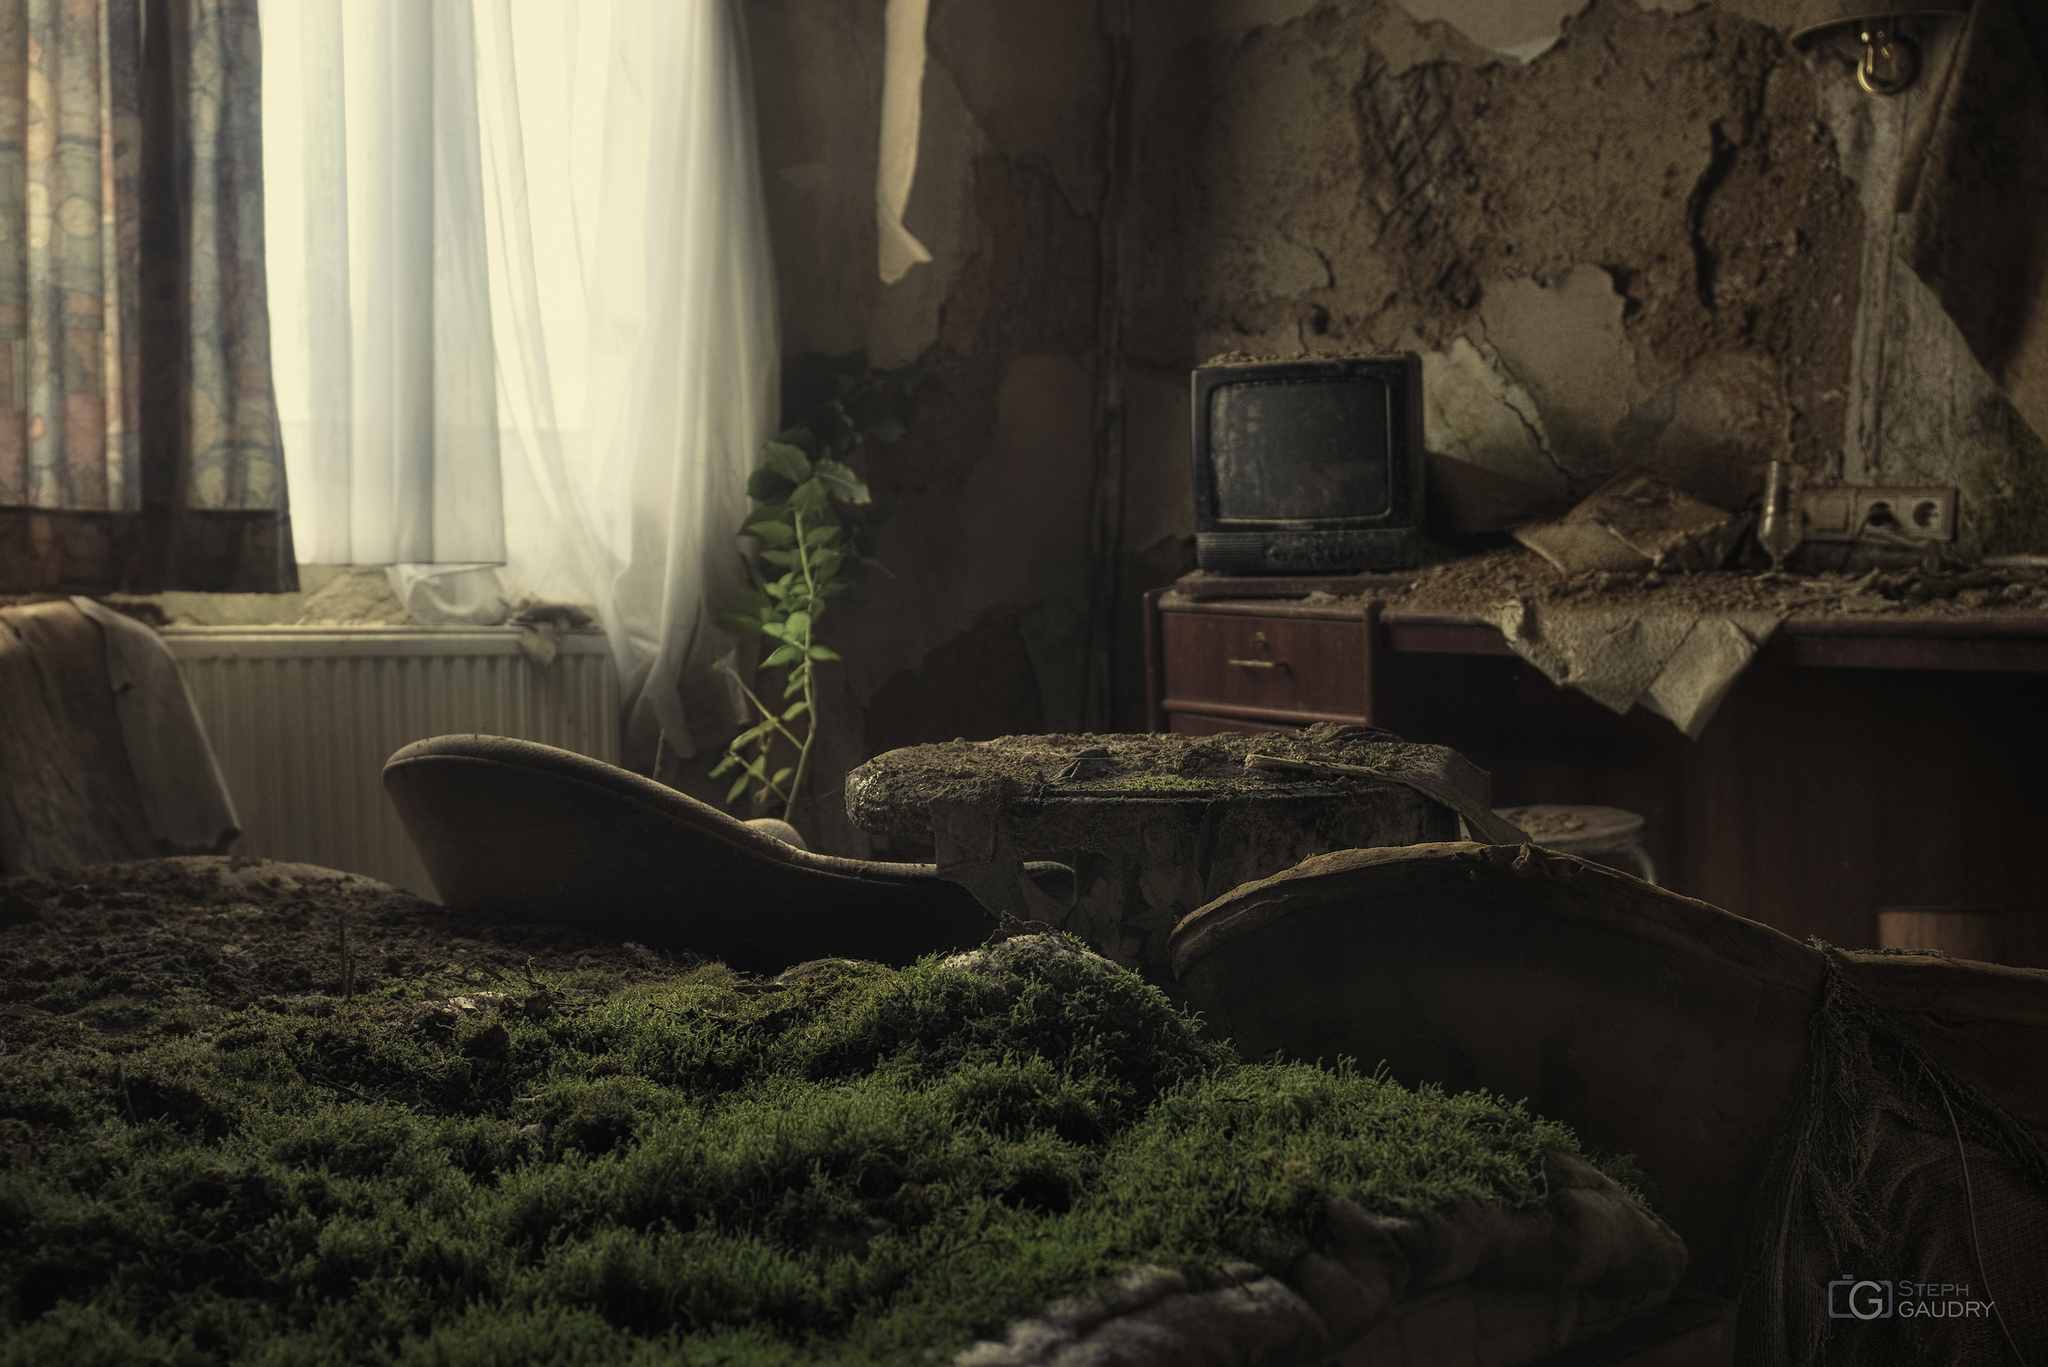 Un lit de verdure [Cliquez pour lancer le diaporama]